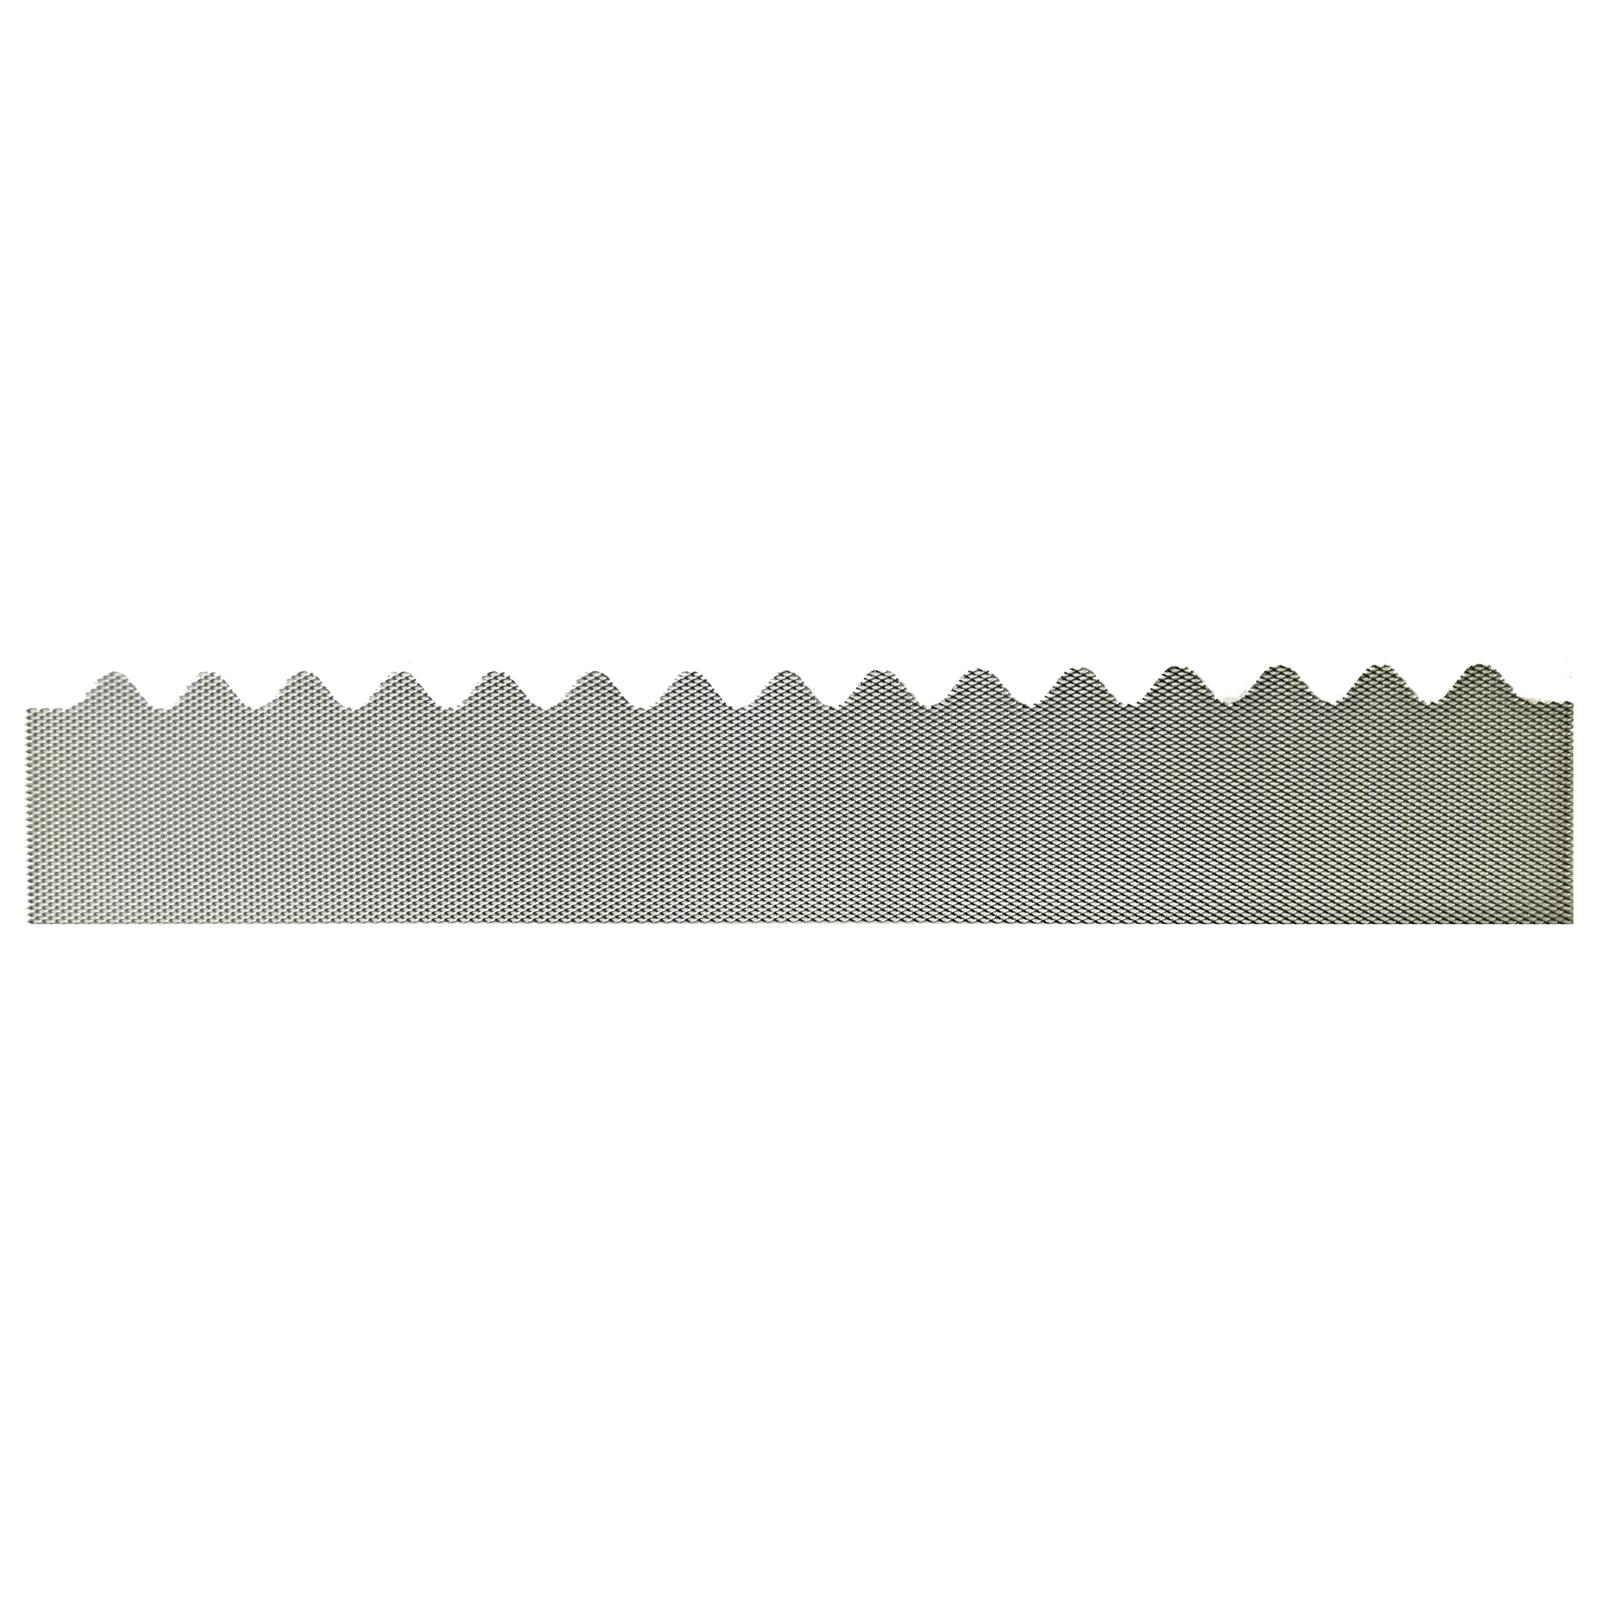 GumLeaf 1200mm Colorbond Metal Corrugated Gutter Guard - Zinc